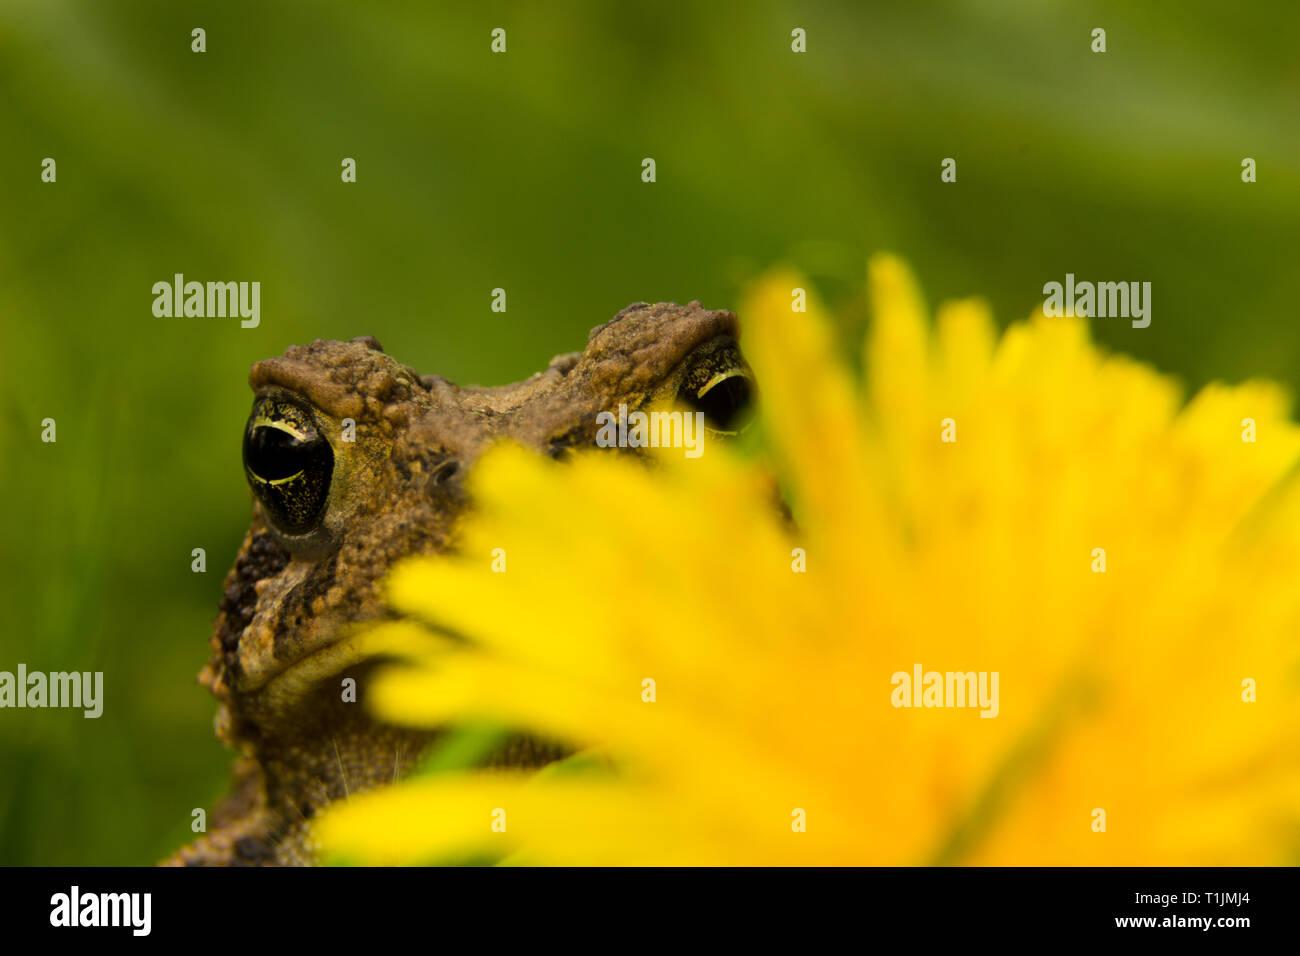 Sapo asoma detrás de una flor diente de león Imagen De Stock